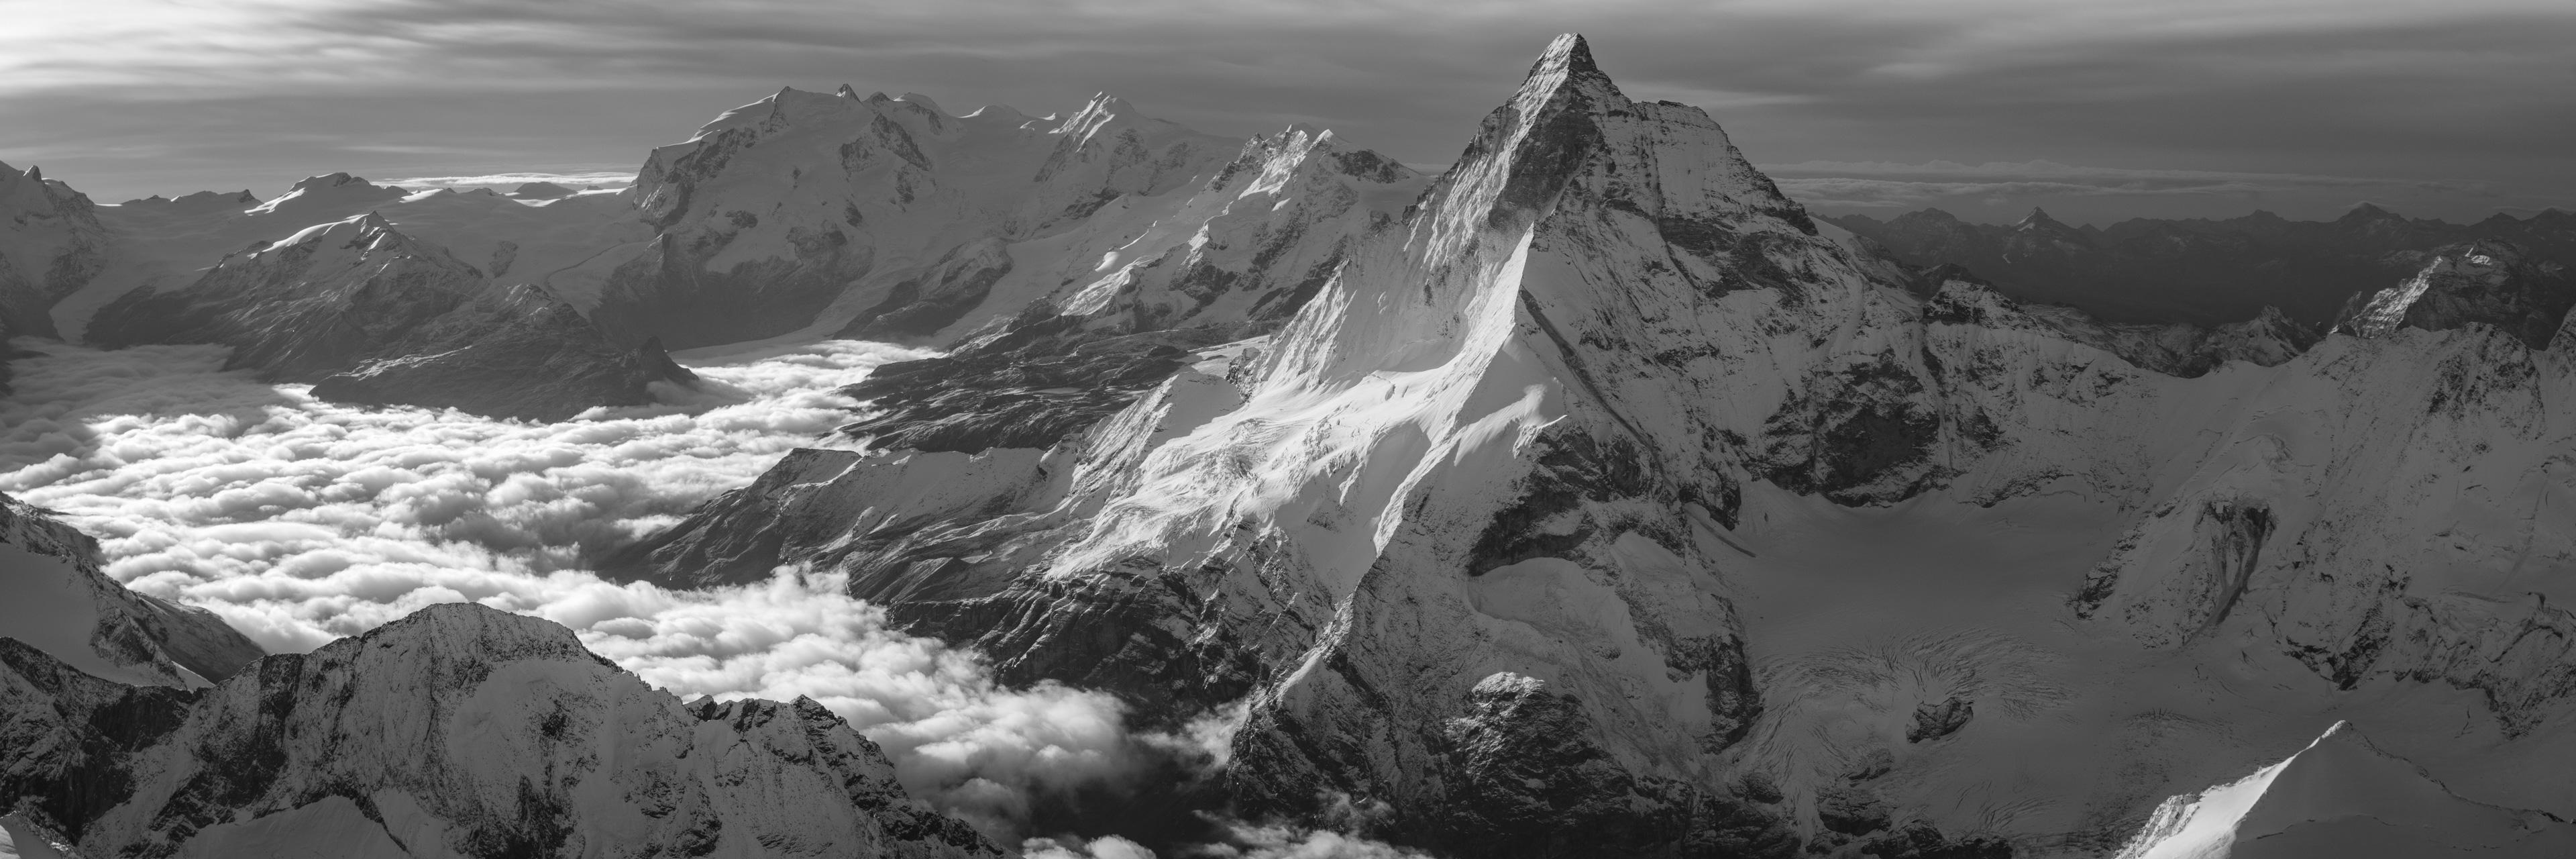 Zermatt panorama montagne Suisse - Encadrement photo des Alpes en noir et blanc